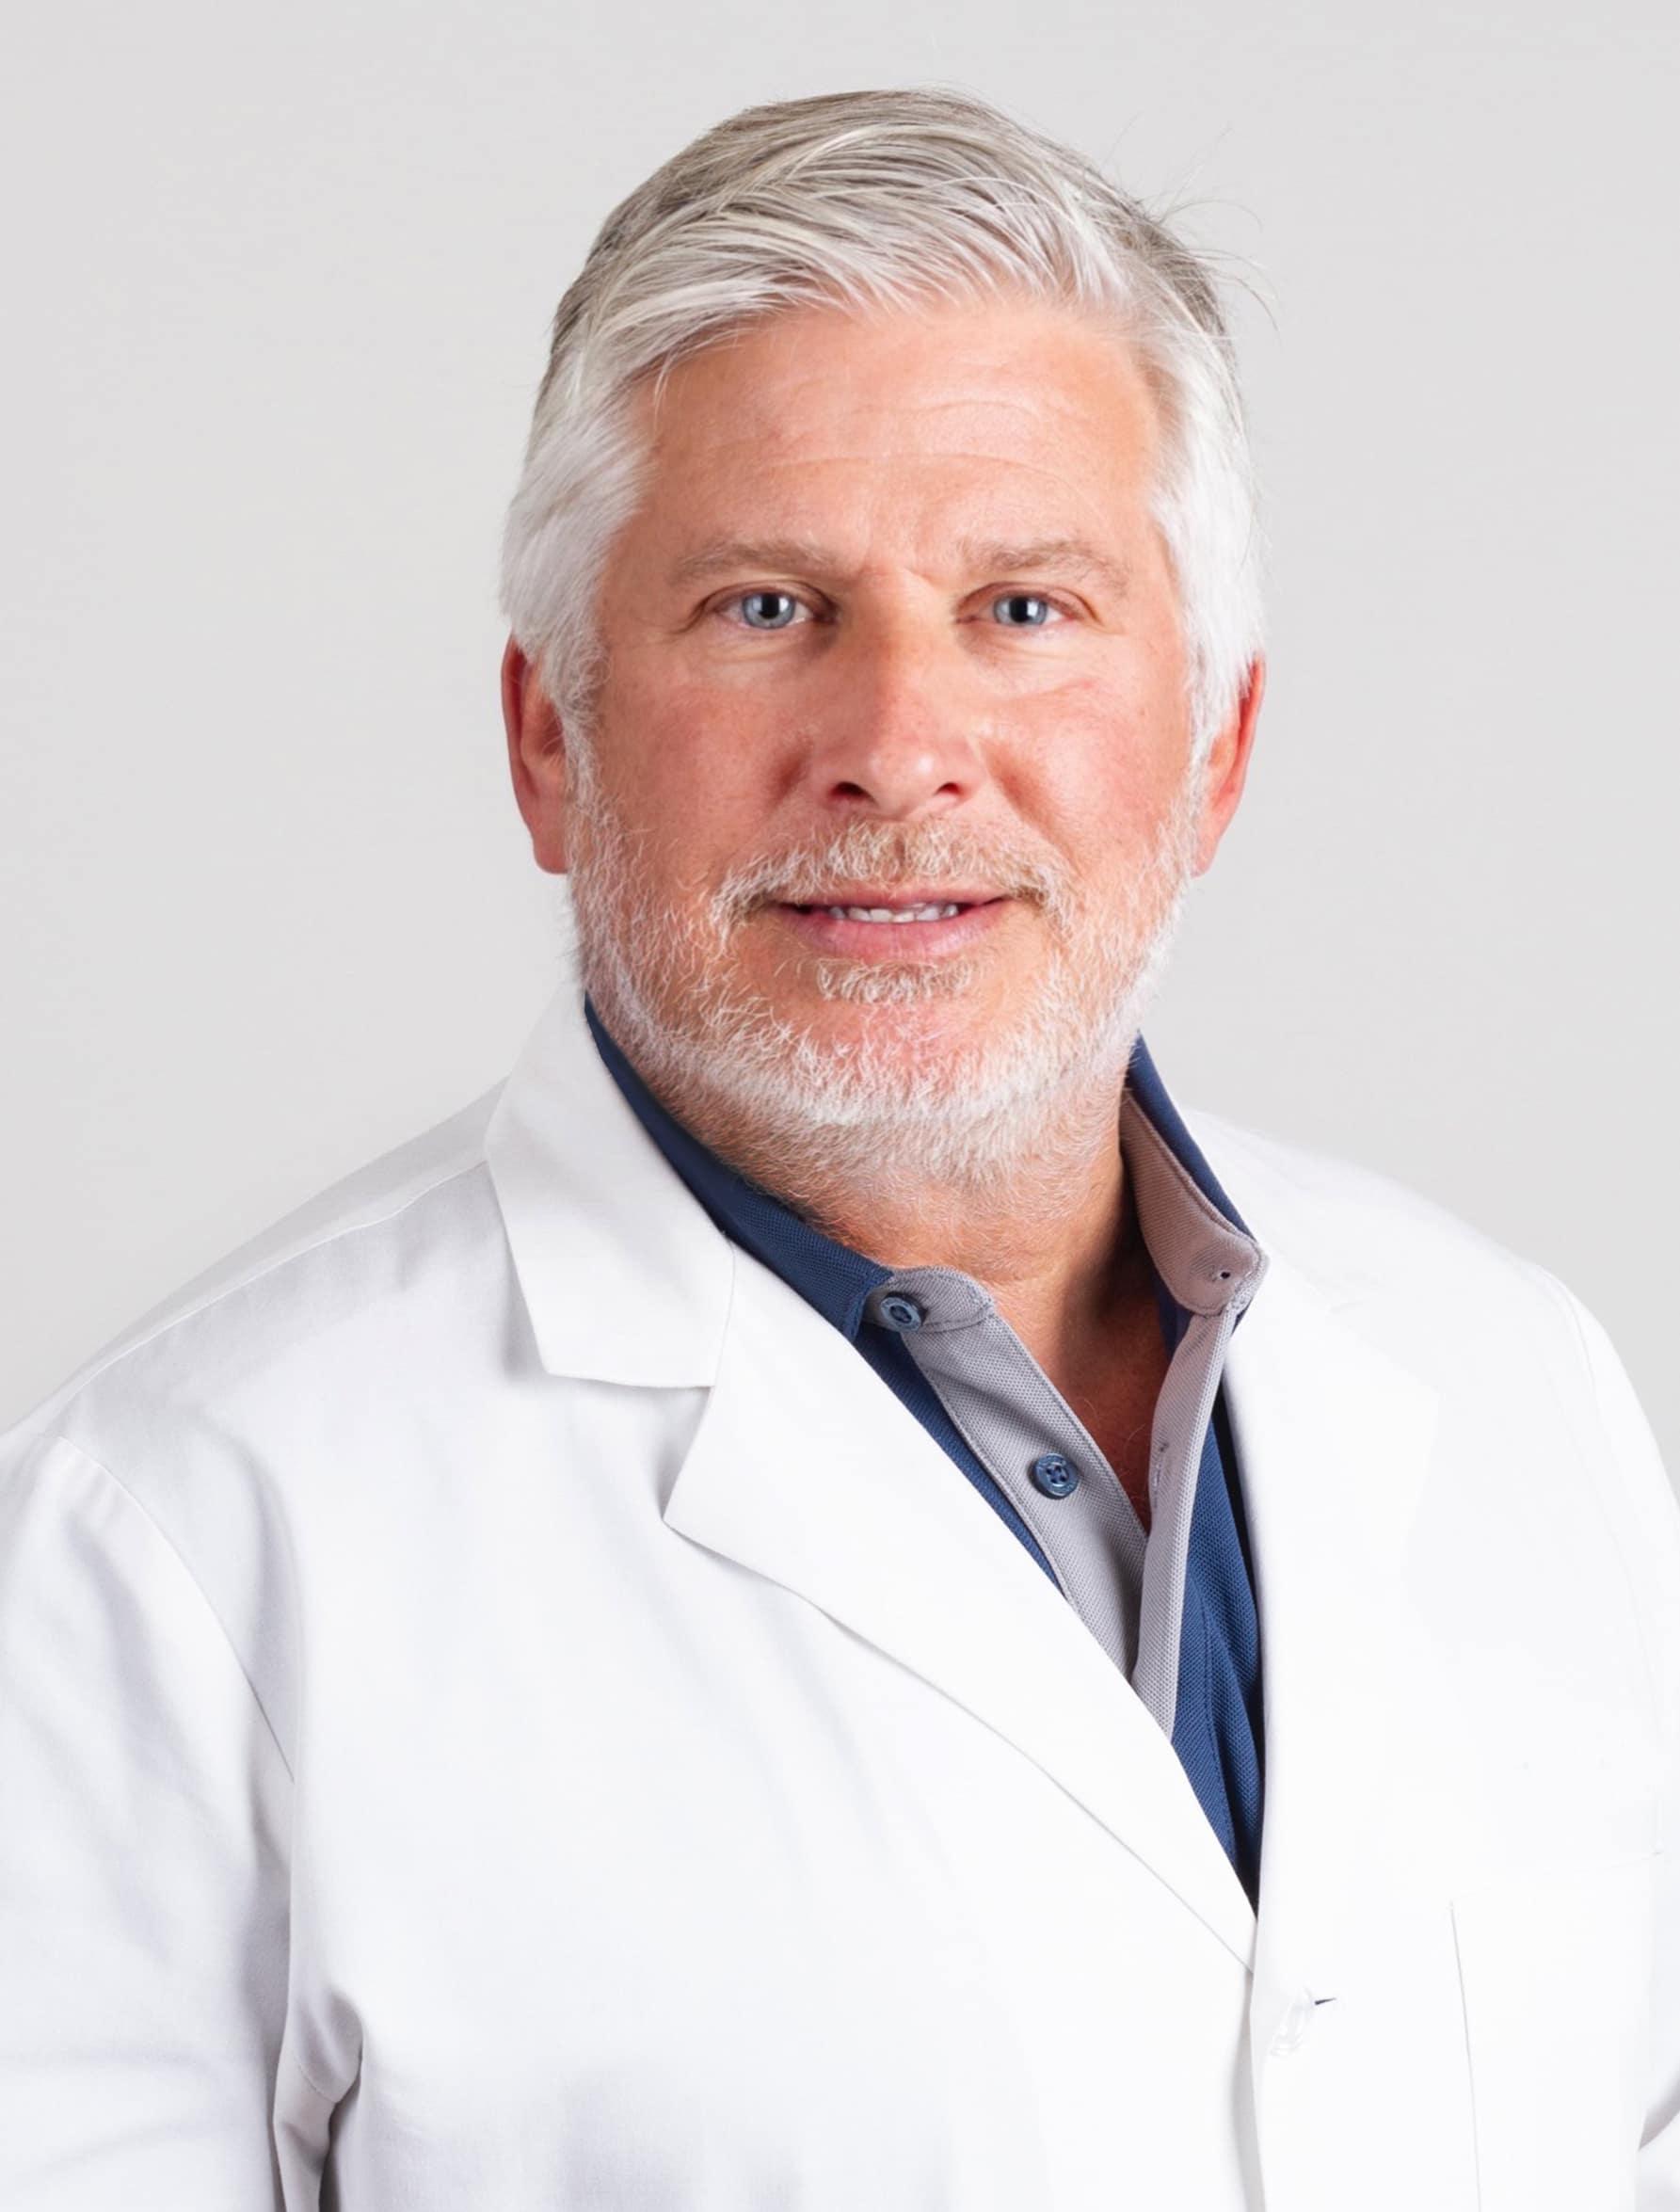 Allen Morgan, MD